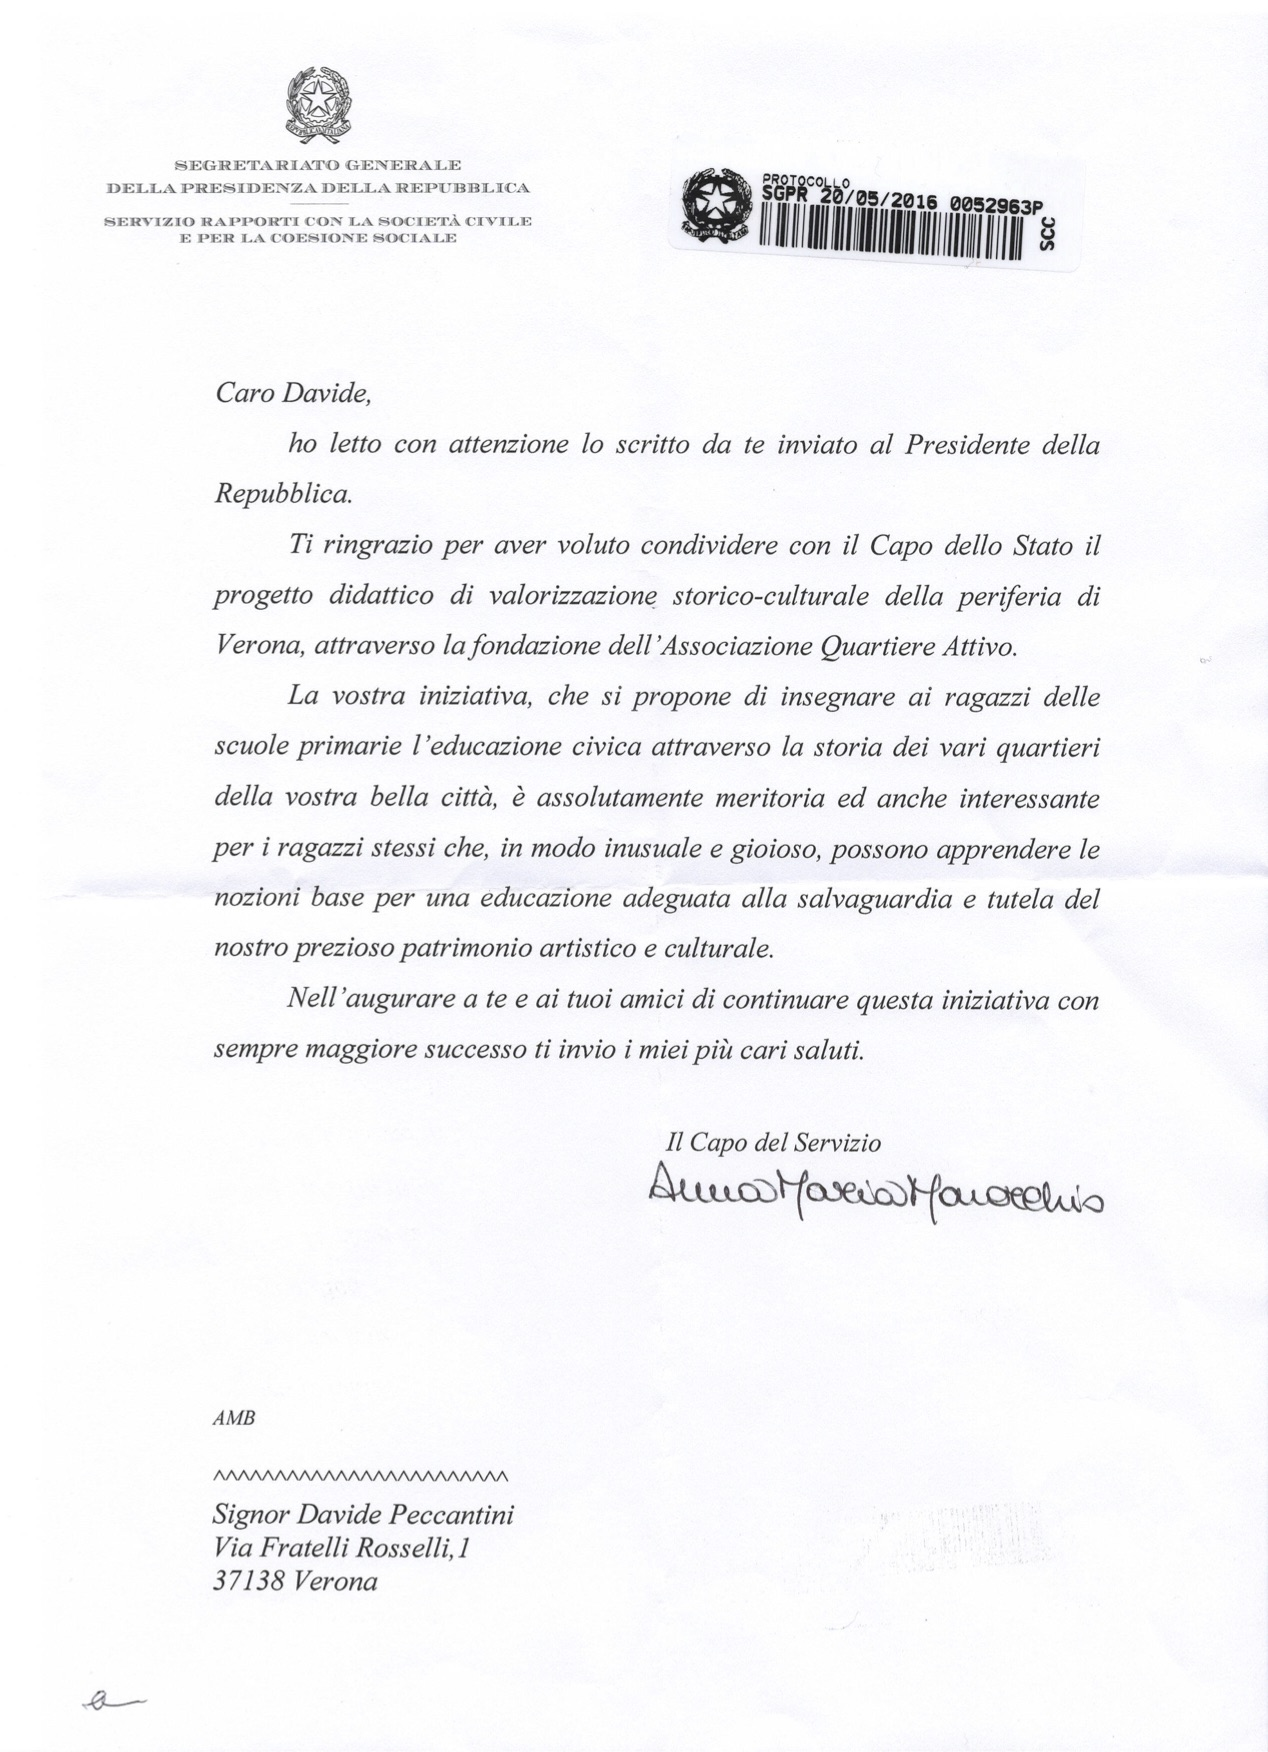 /srv/www/vhosts/user3101/html/entrepreneurship-campus.org/wp-content/uploads/2016/05/Lettera-Segretariato-Presidenza-della-Repubblica.jpg